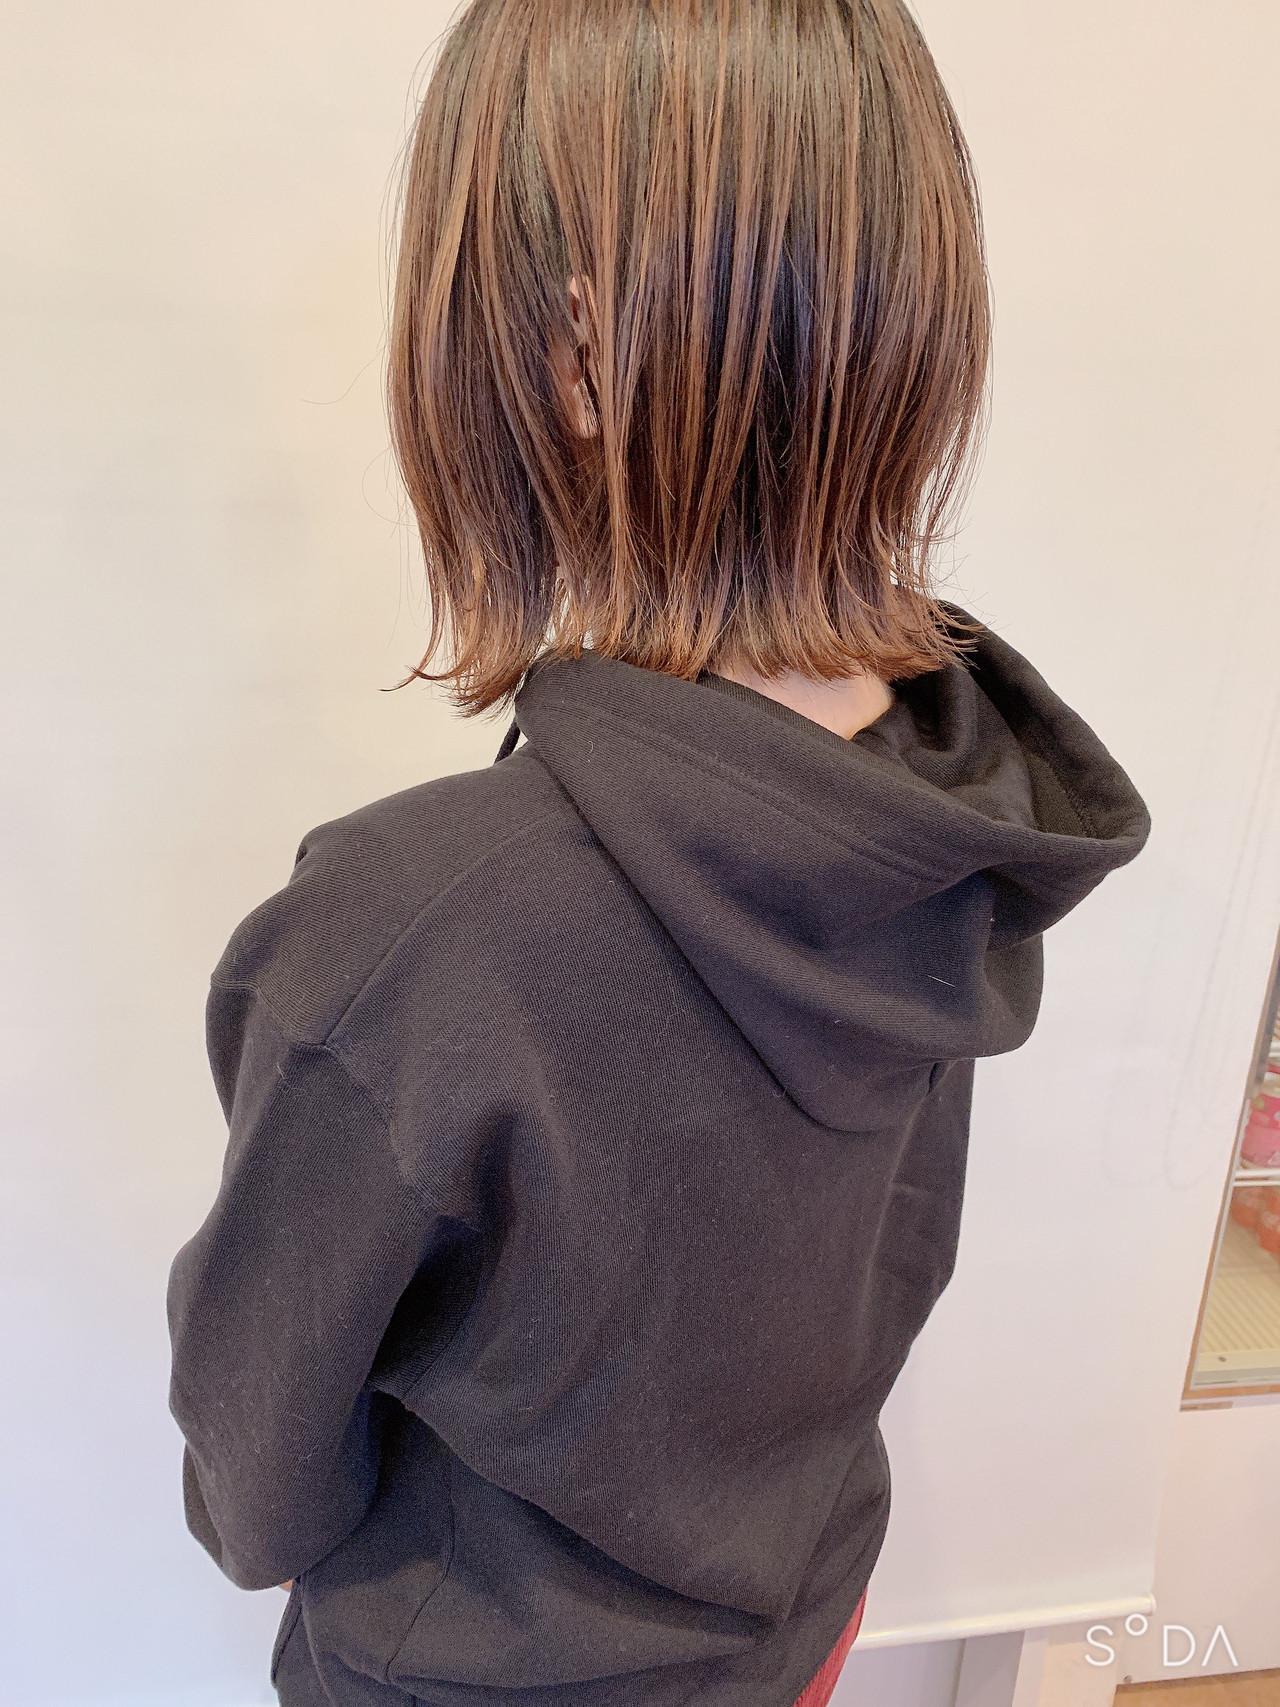 ショートボブ 切りっぱなしボブ ナチュラル ボブ ヘアスタイルや髪型の写真・画像 | 宮川好江 / Euphoria SHIBUYA GRANDE